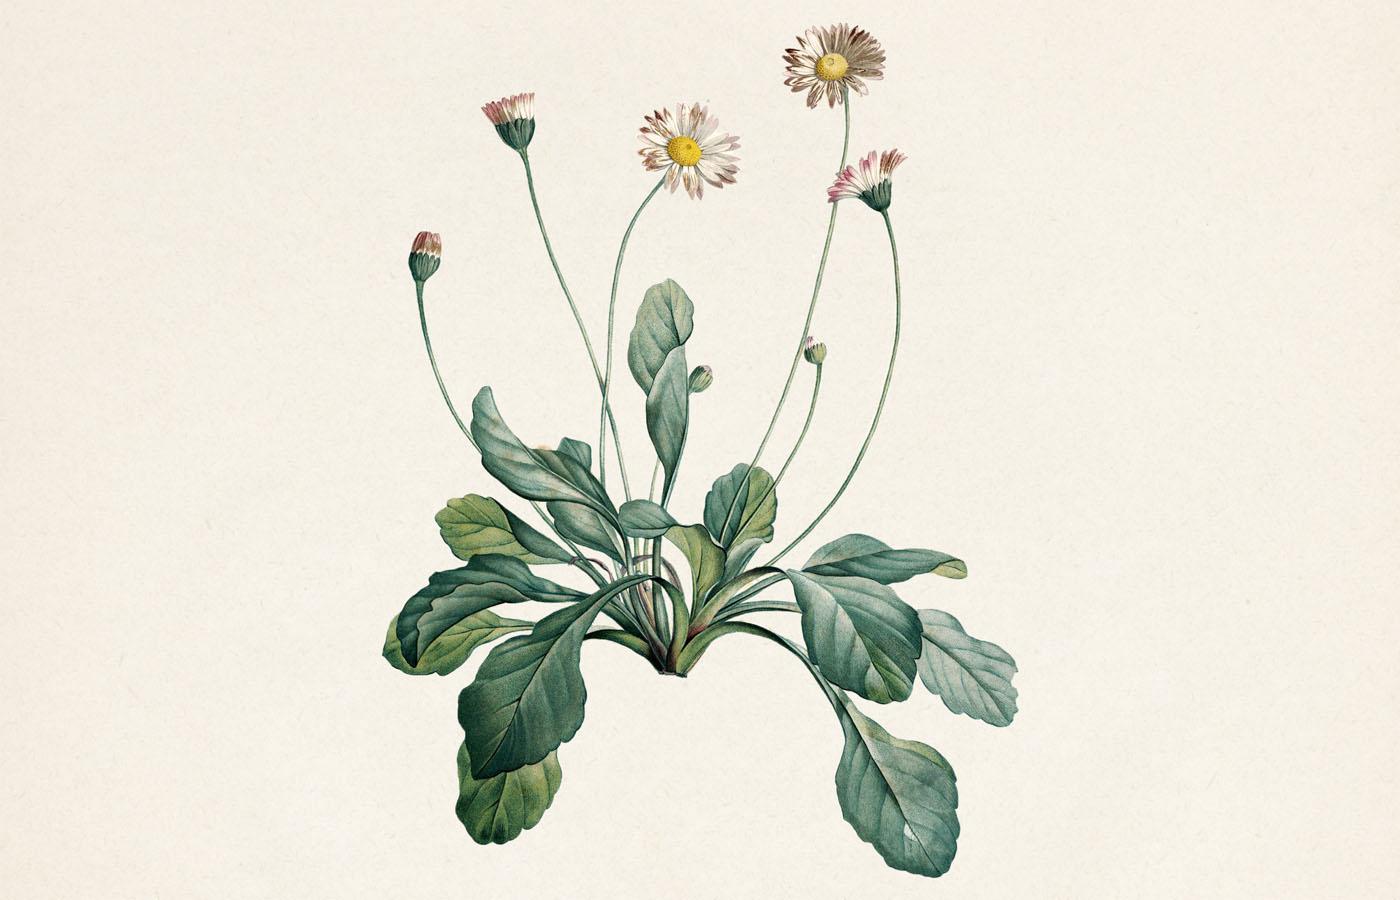 Sedmikráska chudobka (Bellis perennis)